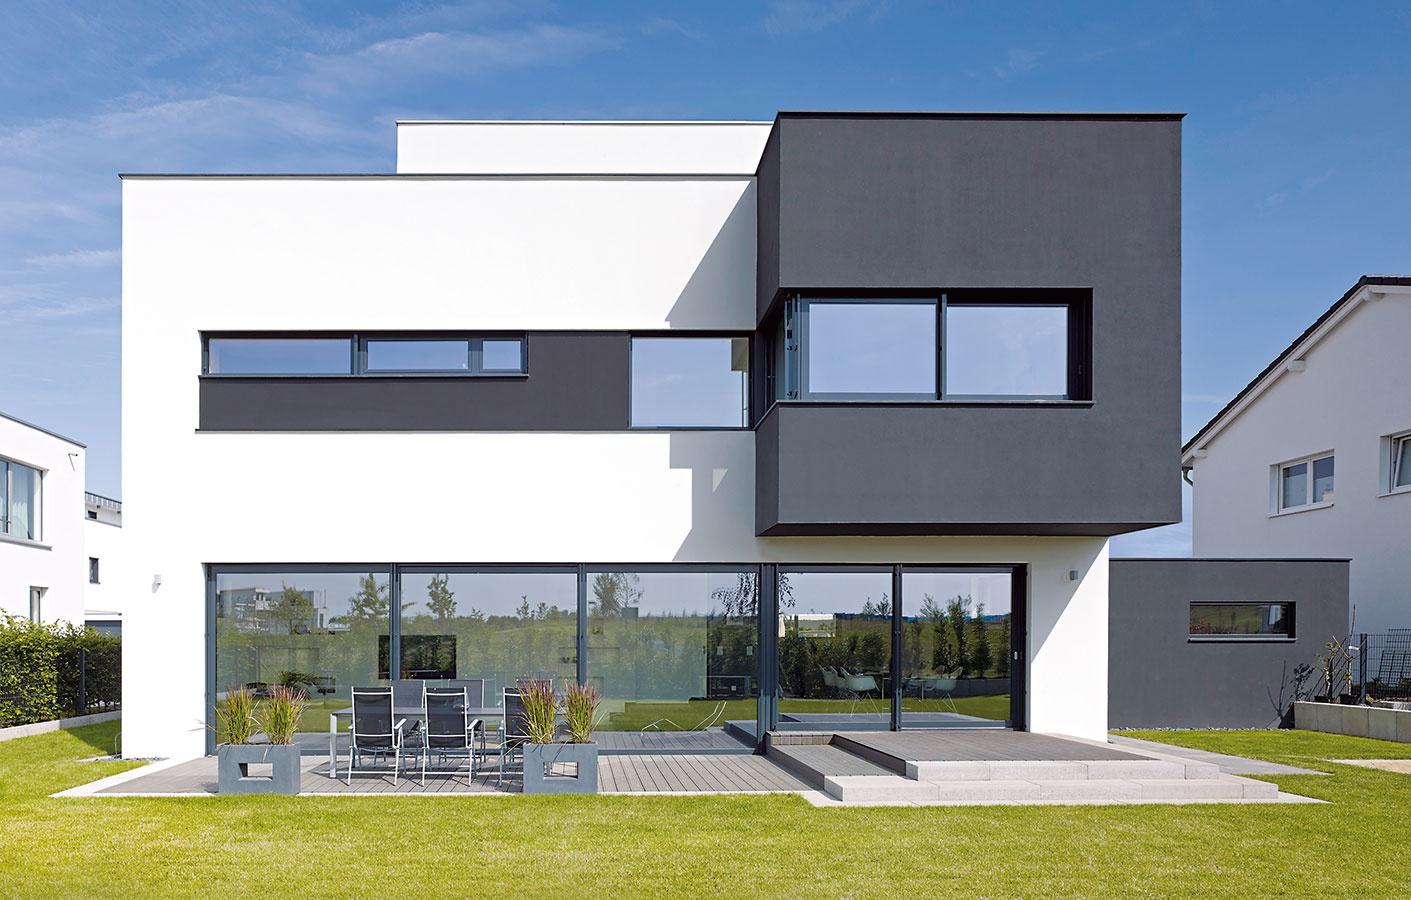 Prelínanie. Okenné pásy, posuvné dvere na terasu apevné zasklenia vytvárajú horizontálne zárezy do čiernych abielych blokov fasády. Všetky transparentné prvky zjednocujú štíhle línie hliníkových okenných profilov velegantnom sivom odtieni. (Pohľad zo záhrady)